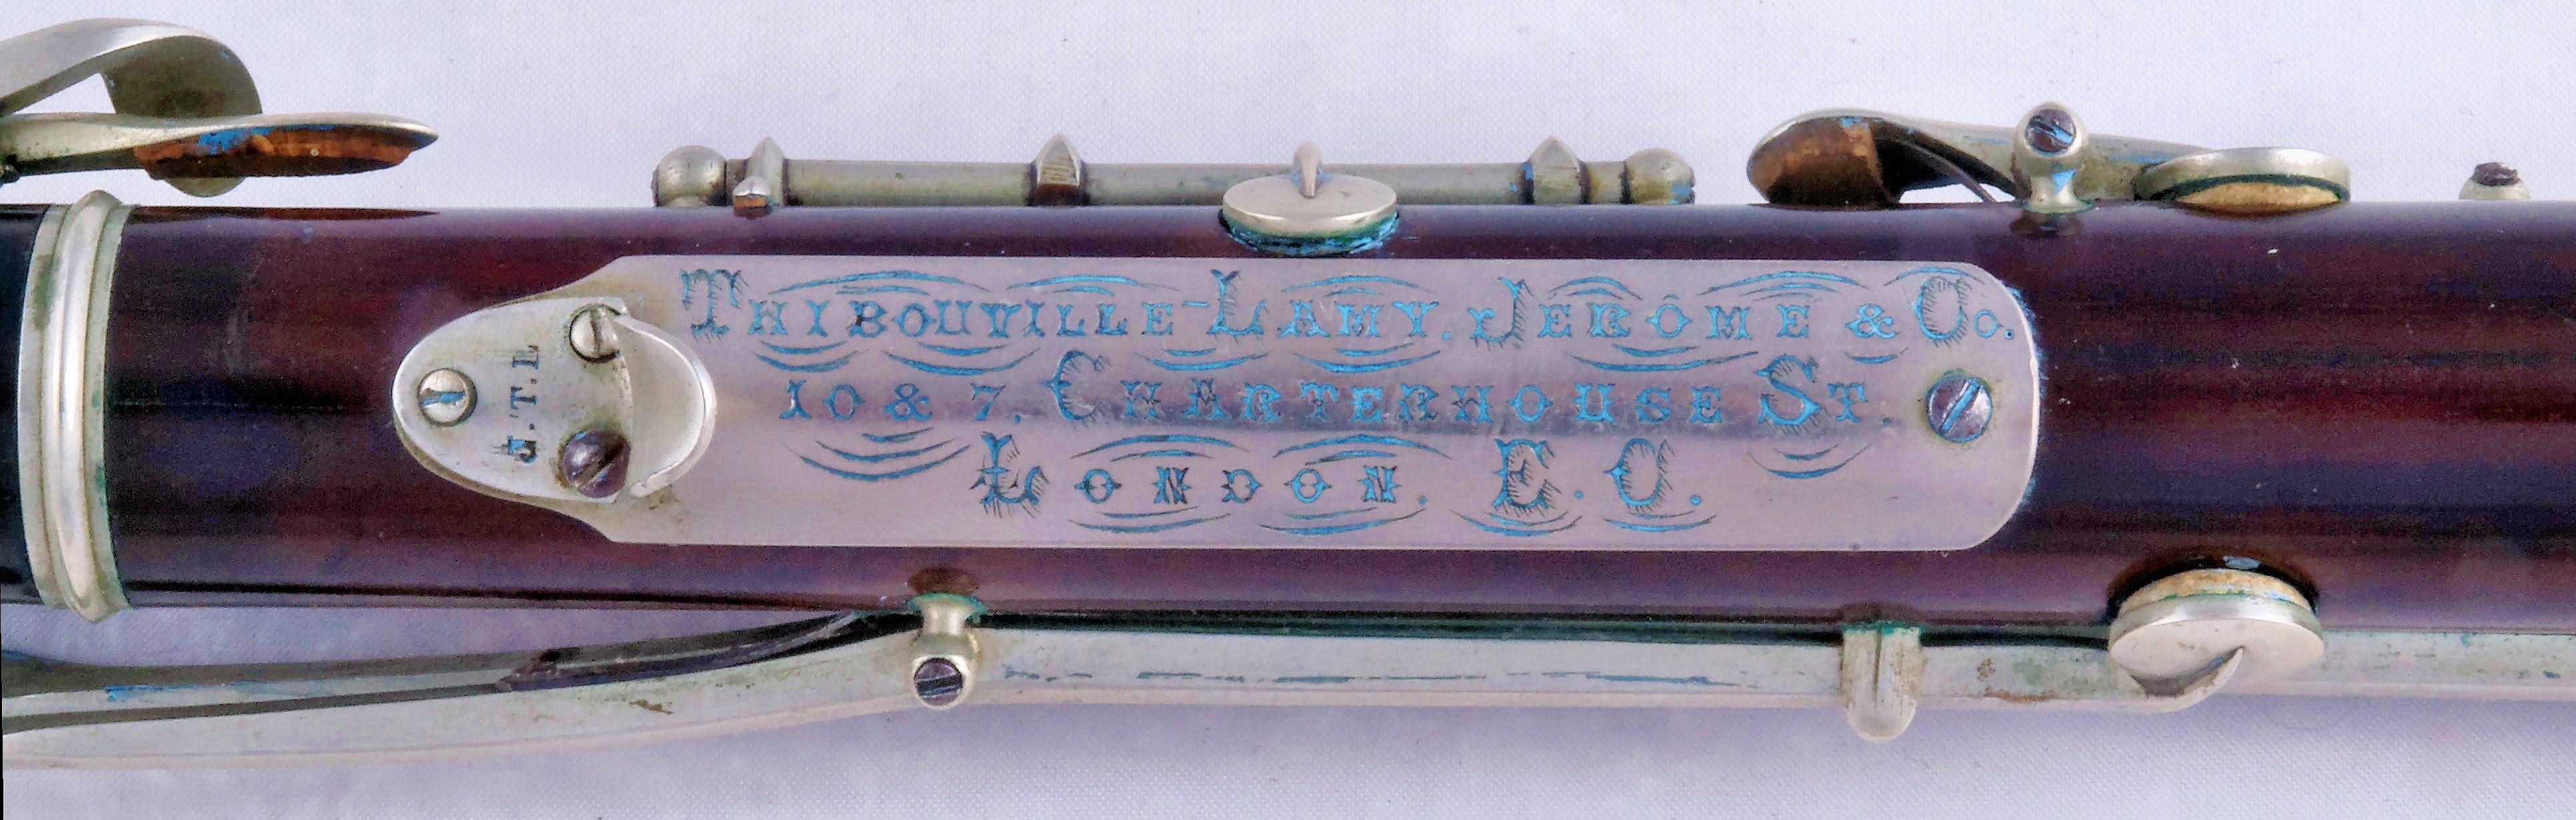 Oboe-4.jpeg